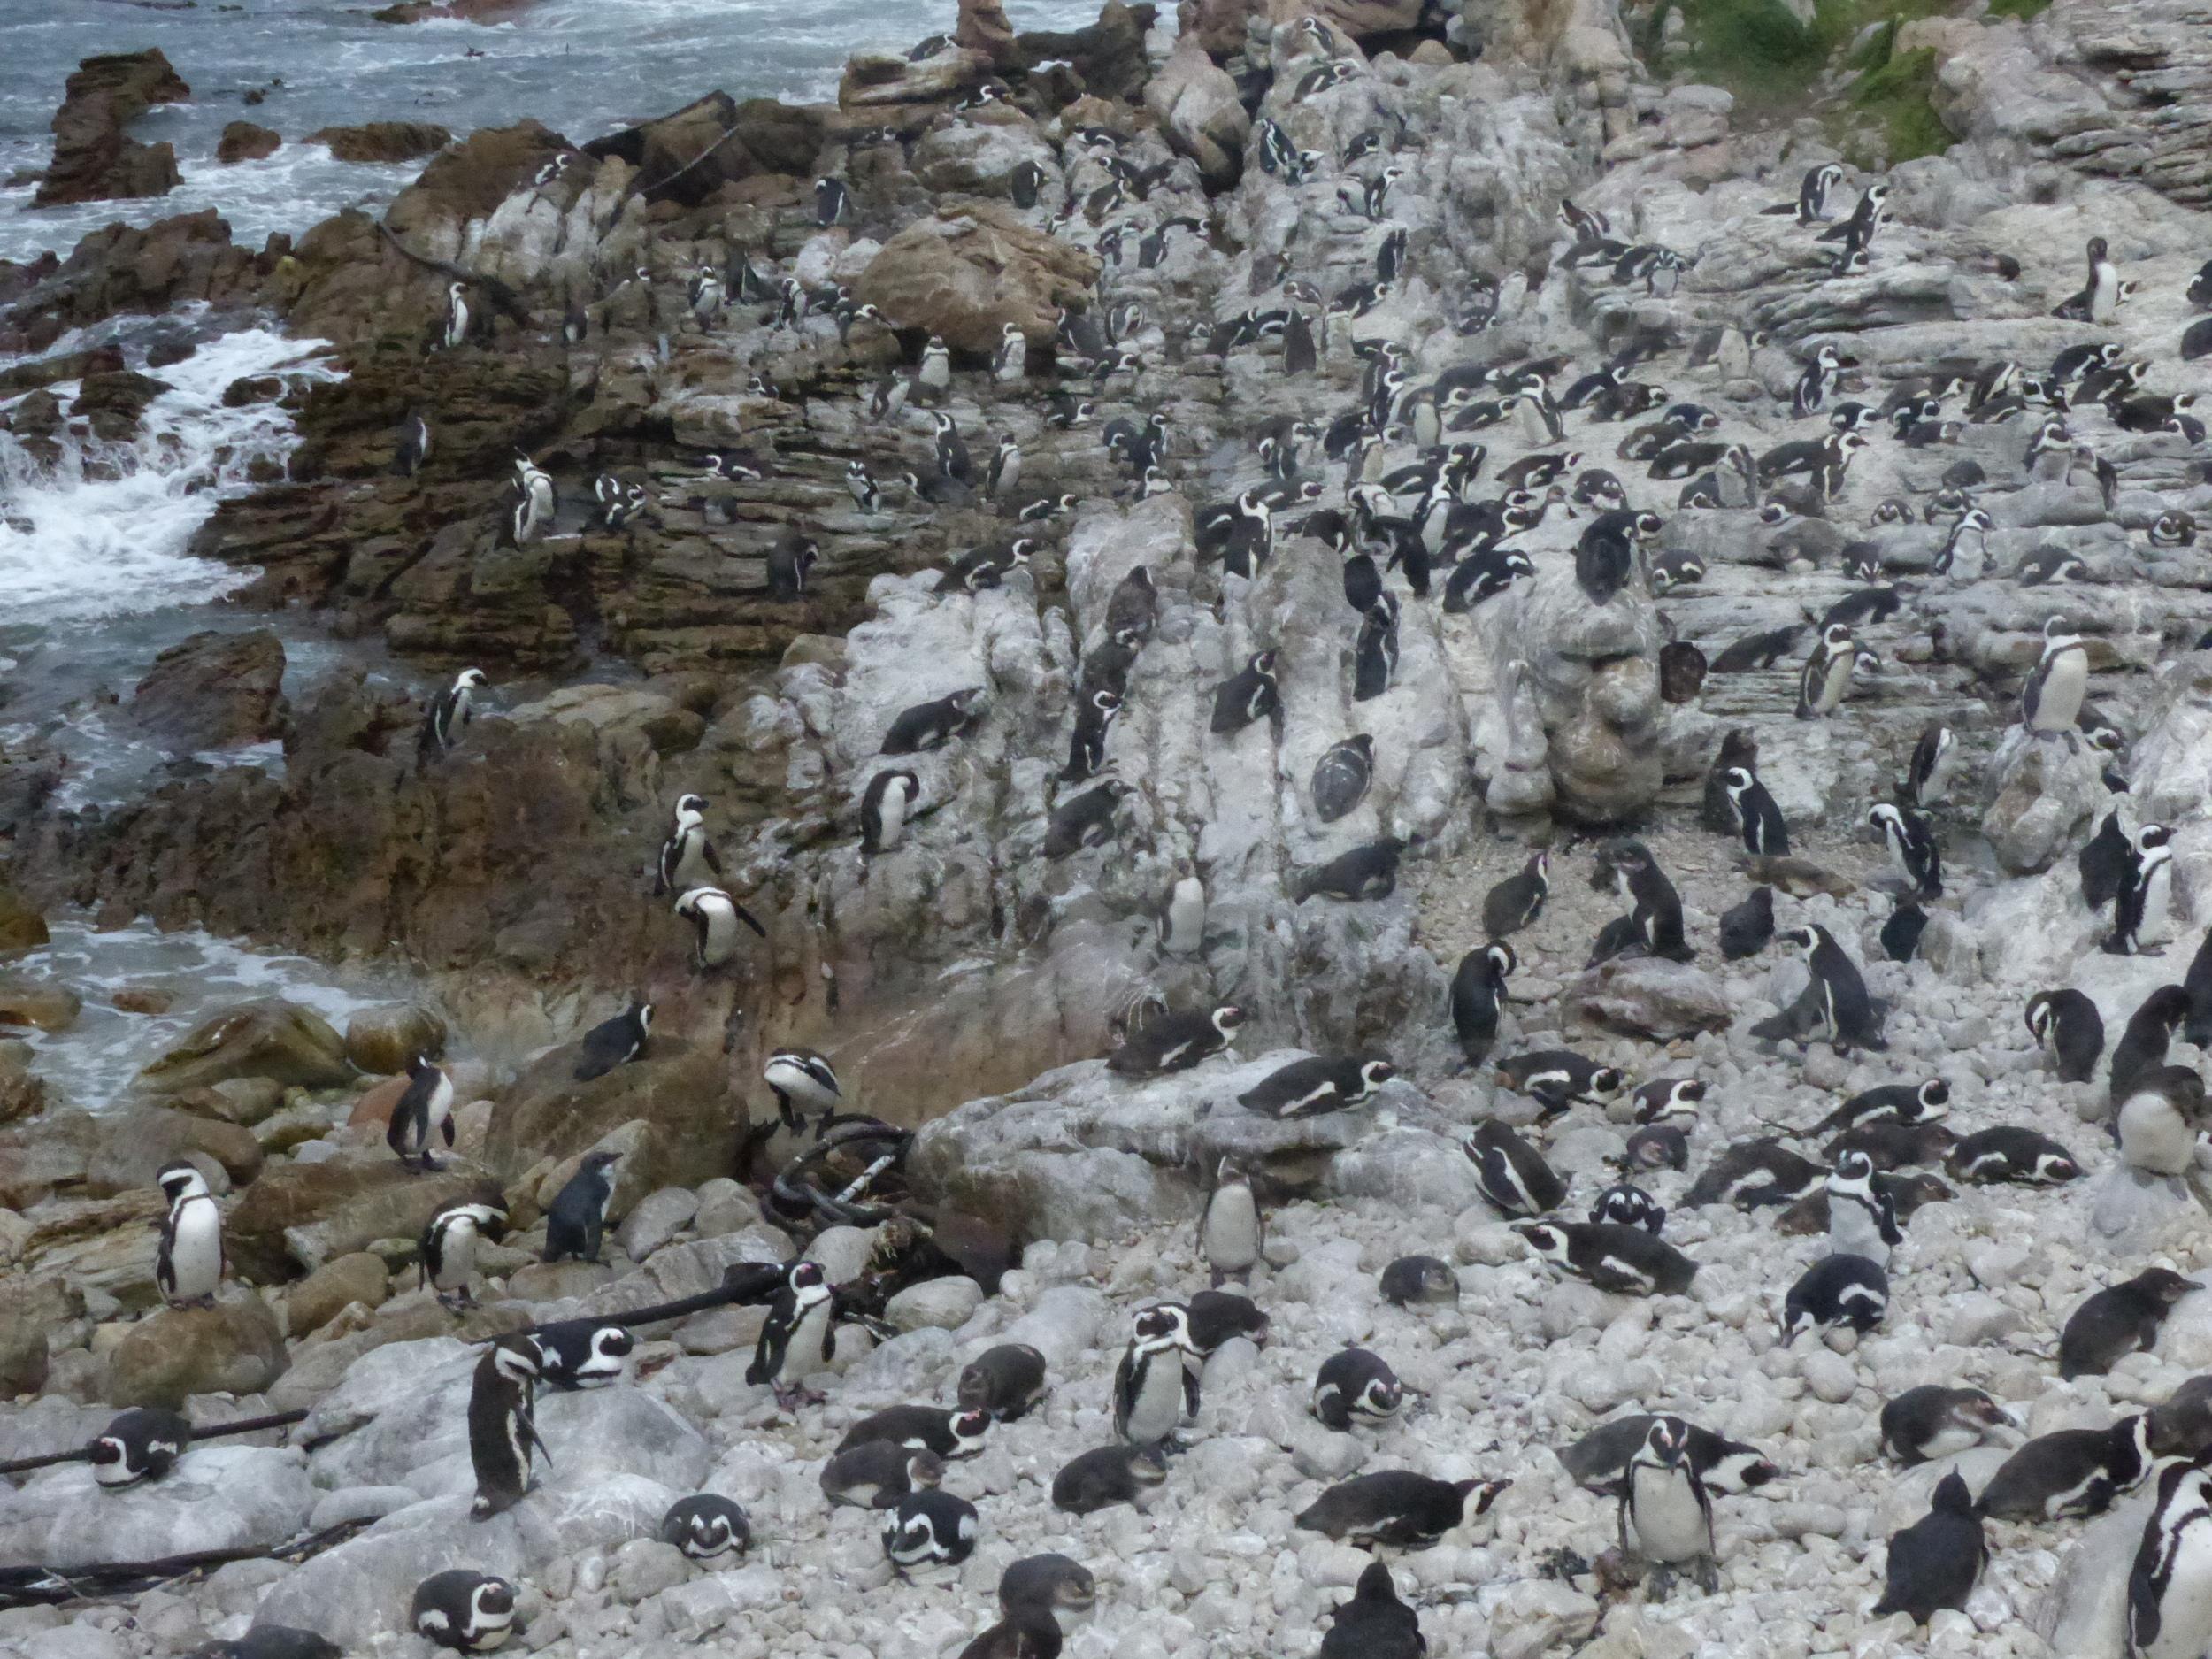 African Penguins Bettysbaie.jpg